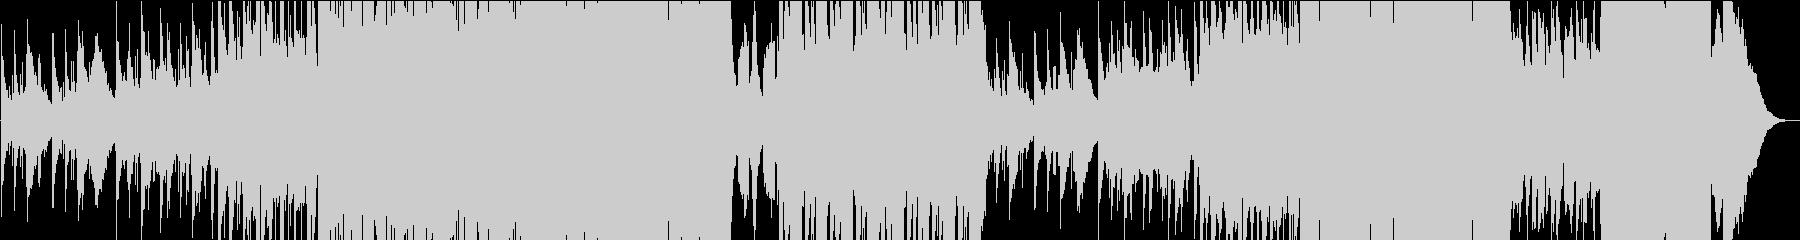 ゆったり切ないFuture RnBの未再生の波形